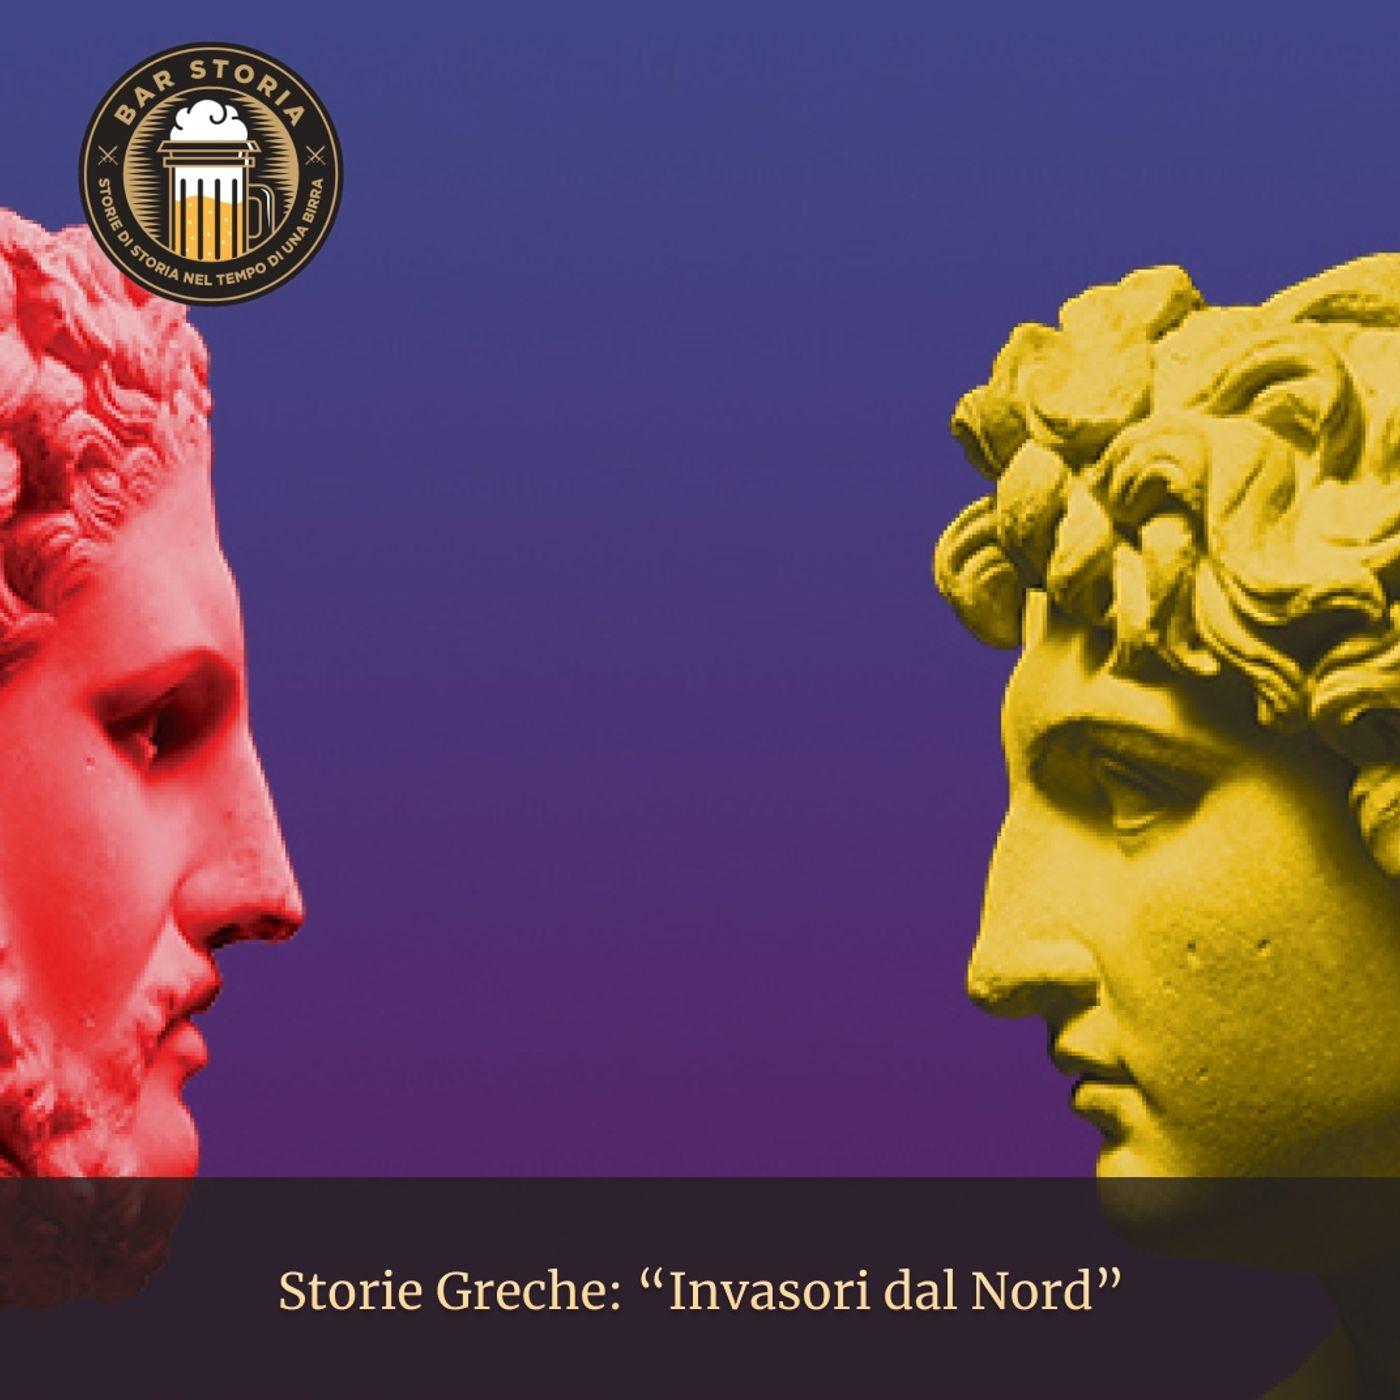 Storie Greche - Invasori dal Nord